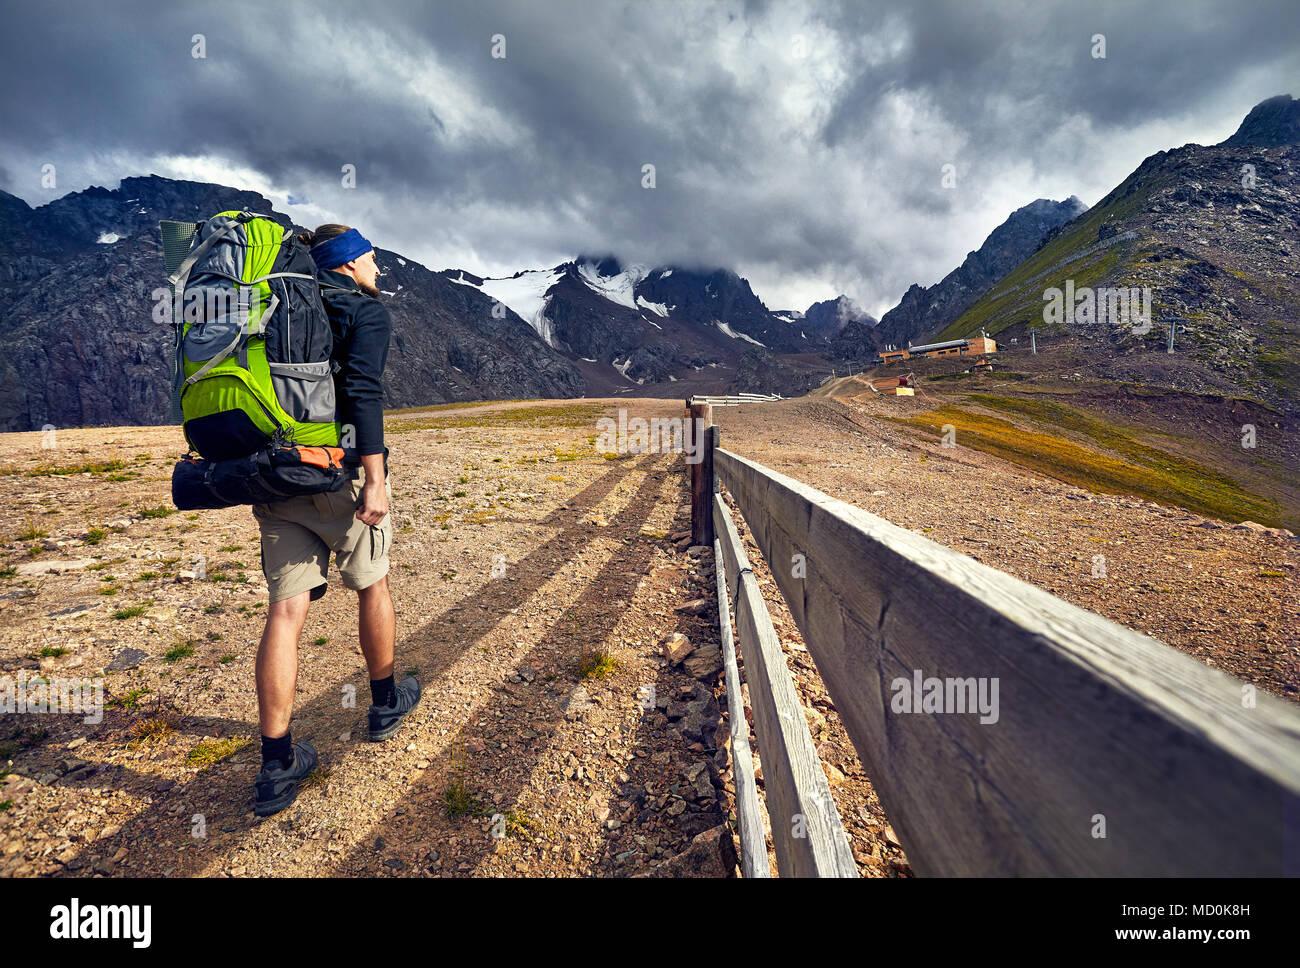 Wanderer mit großen grünen Rucksack zu Fuß zu den Snowy Mountains an bedeckt dunklen Himmel Hintergrund in Shymbulak Ski Resort in Kasachstan Stockbild